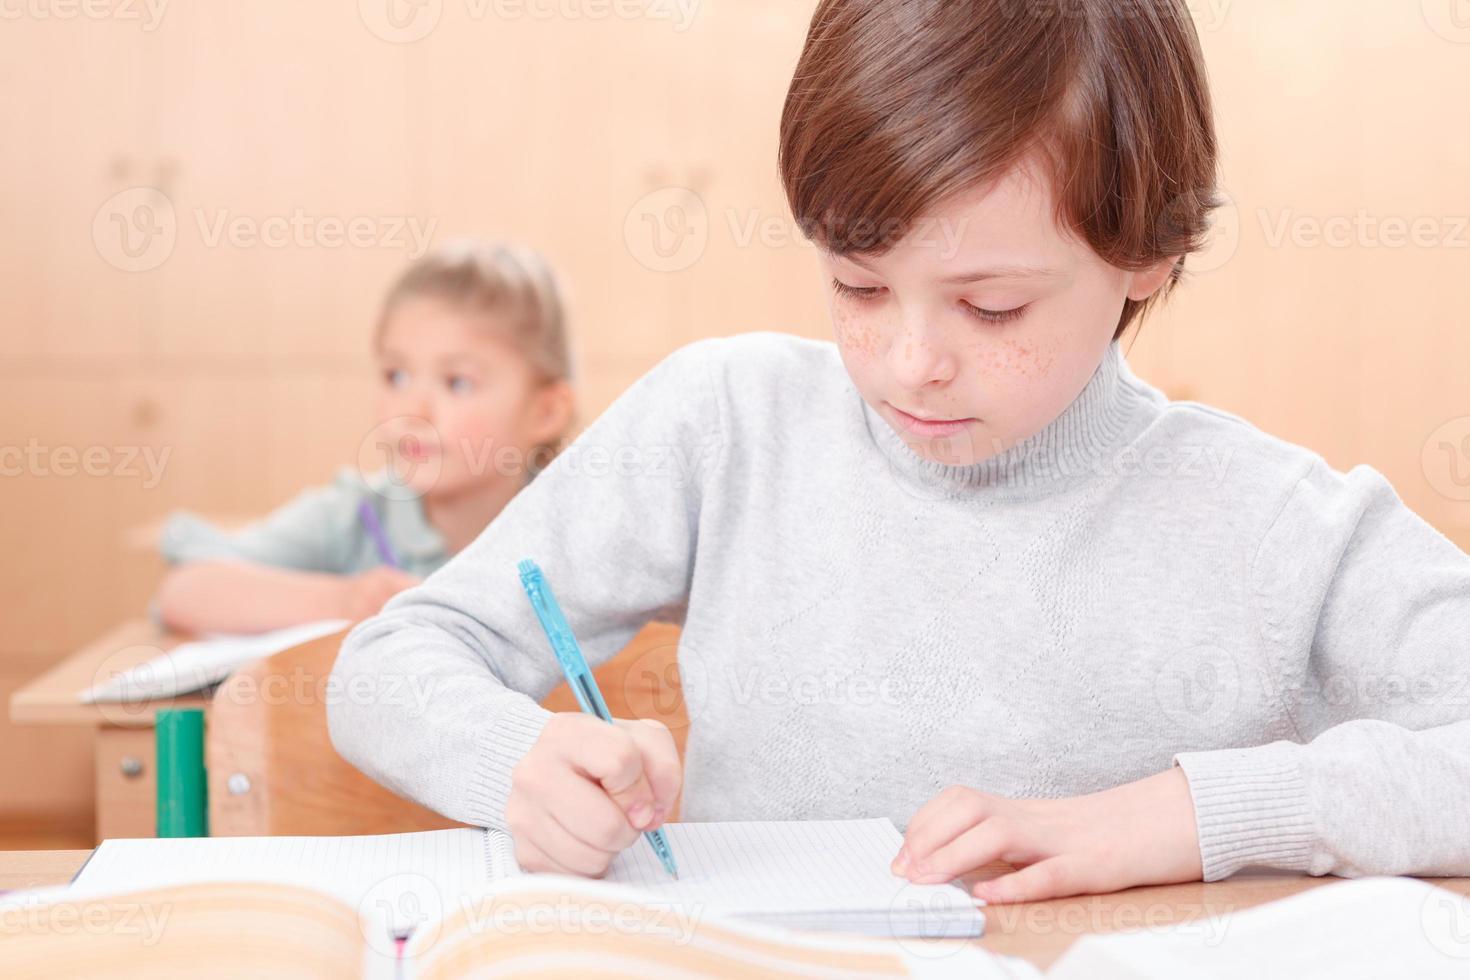 escrevendo menino durante as aulas foto